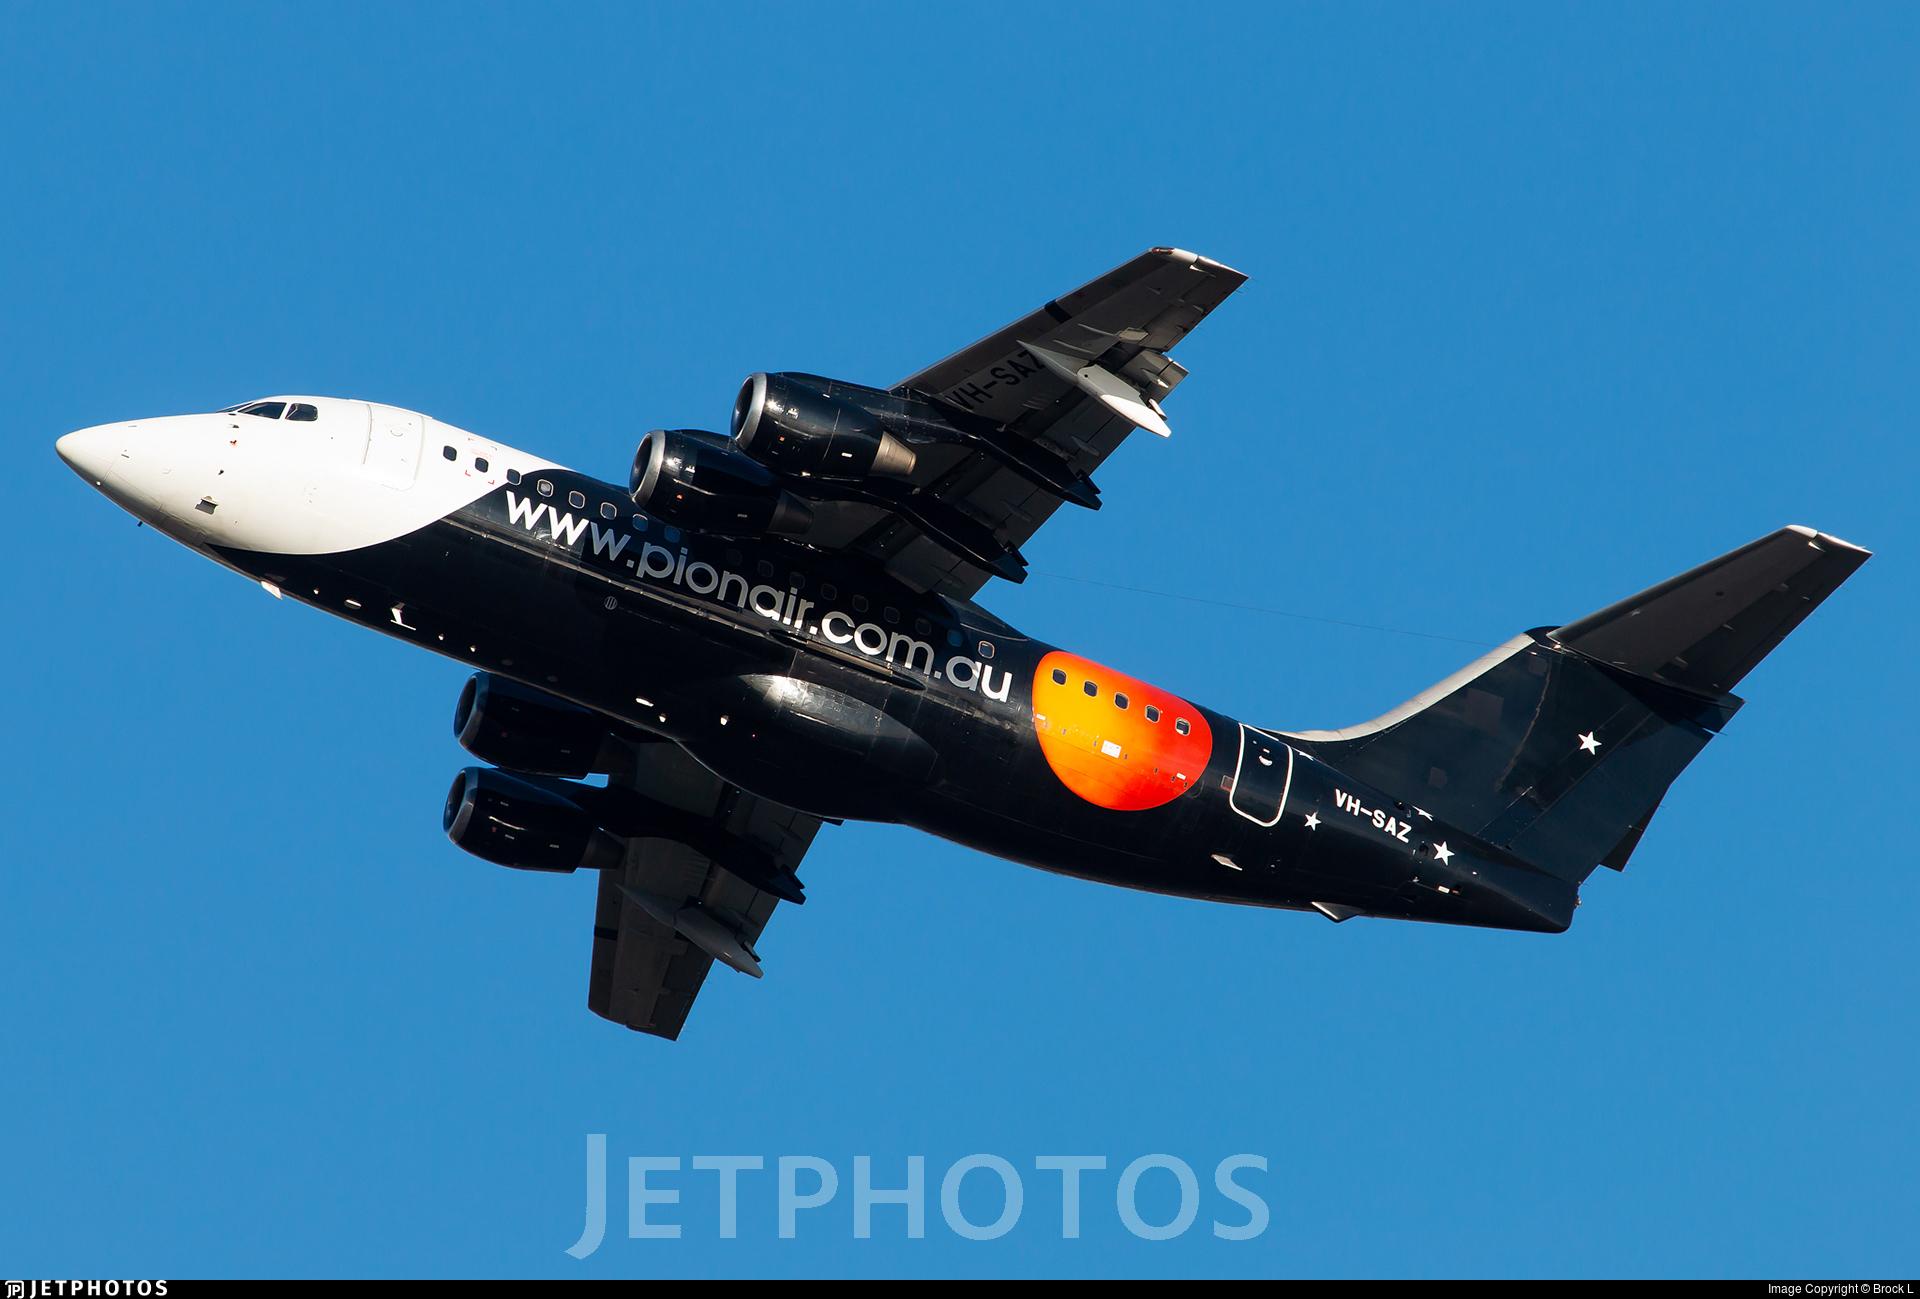 VH-SAZ - British Aerospace BAe 146-200 - Pionair